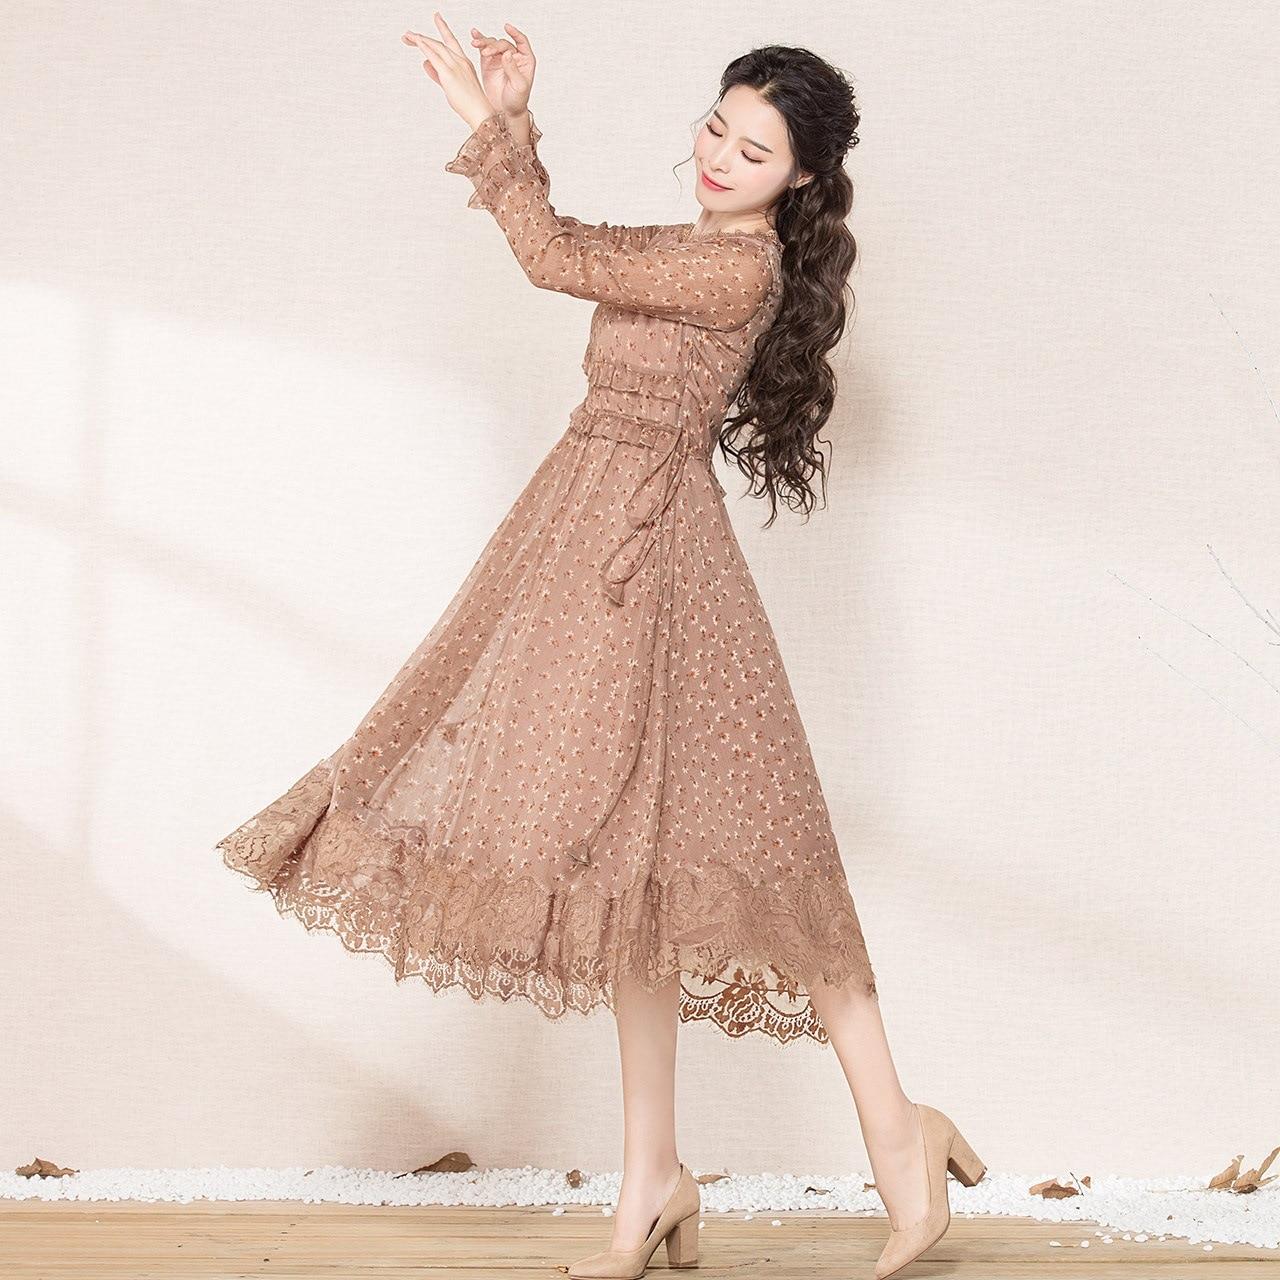 À O Nouveau Manches Femme Longues Soie Color Mousseline De Mode Photo Robe Automne Cou Impression Moyen Robes Ruches long qq8wRtH